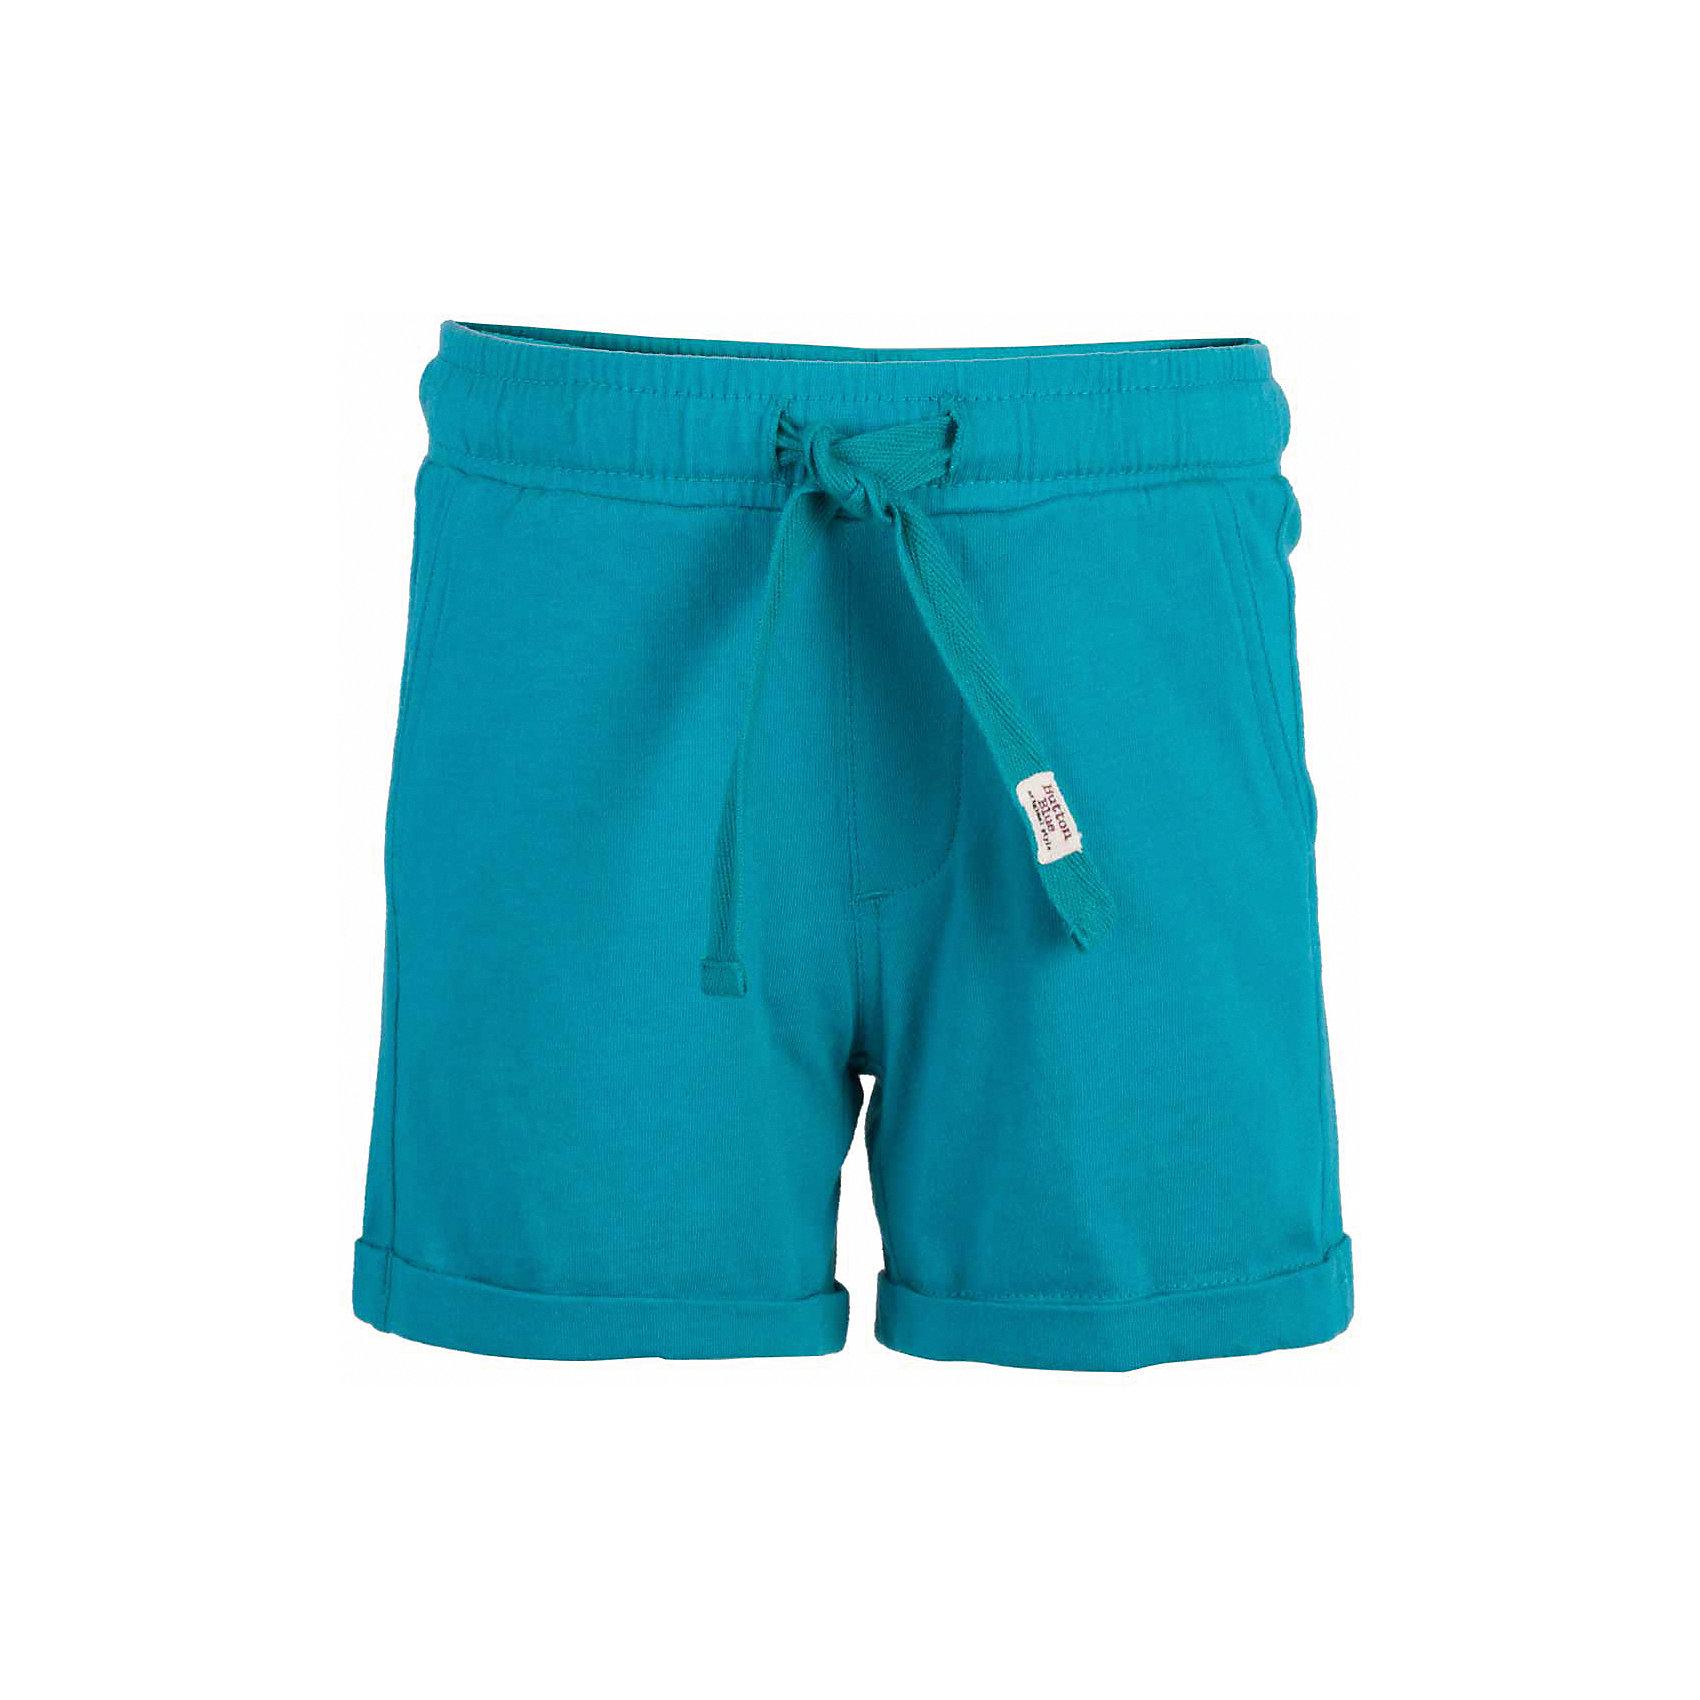 Шорты для мальчика  BUTTON BLUEШорты, бриджи, капри<br>Шорты для мальчика  BUTTON BLUE<br>Модные яркие трикотажные шорты на резинке - прекрасное решение на каждый день! И дома, и в лагере, и на спортивной площадке шорты для мальчика обеспечат комфорт. Купить недорого детские шорты от Button Blue, значит, сделать каждый летний день ребенка радостным и беззаботным!<br>Состав:<br>100%  хлопок<br><br>Ширина мм: 191<br>Глубина мм: 10<br>Высота мм: 175<br>Вес г: 273<br>Цвет: бирюзовый<br>Возраст от месяцев: 24<br>Возраст до месяцев: 36<br>Пол: Мужской<br>Возраст: Детский<br>Размер: 98,158,104,110,116,122,128,134,140,146,152<br>SKU: 5524618